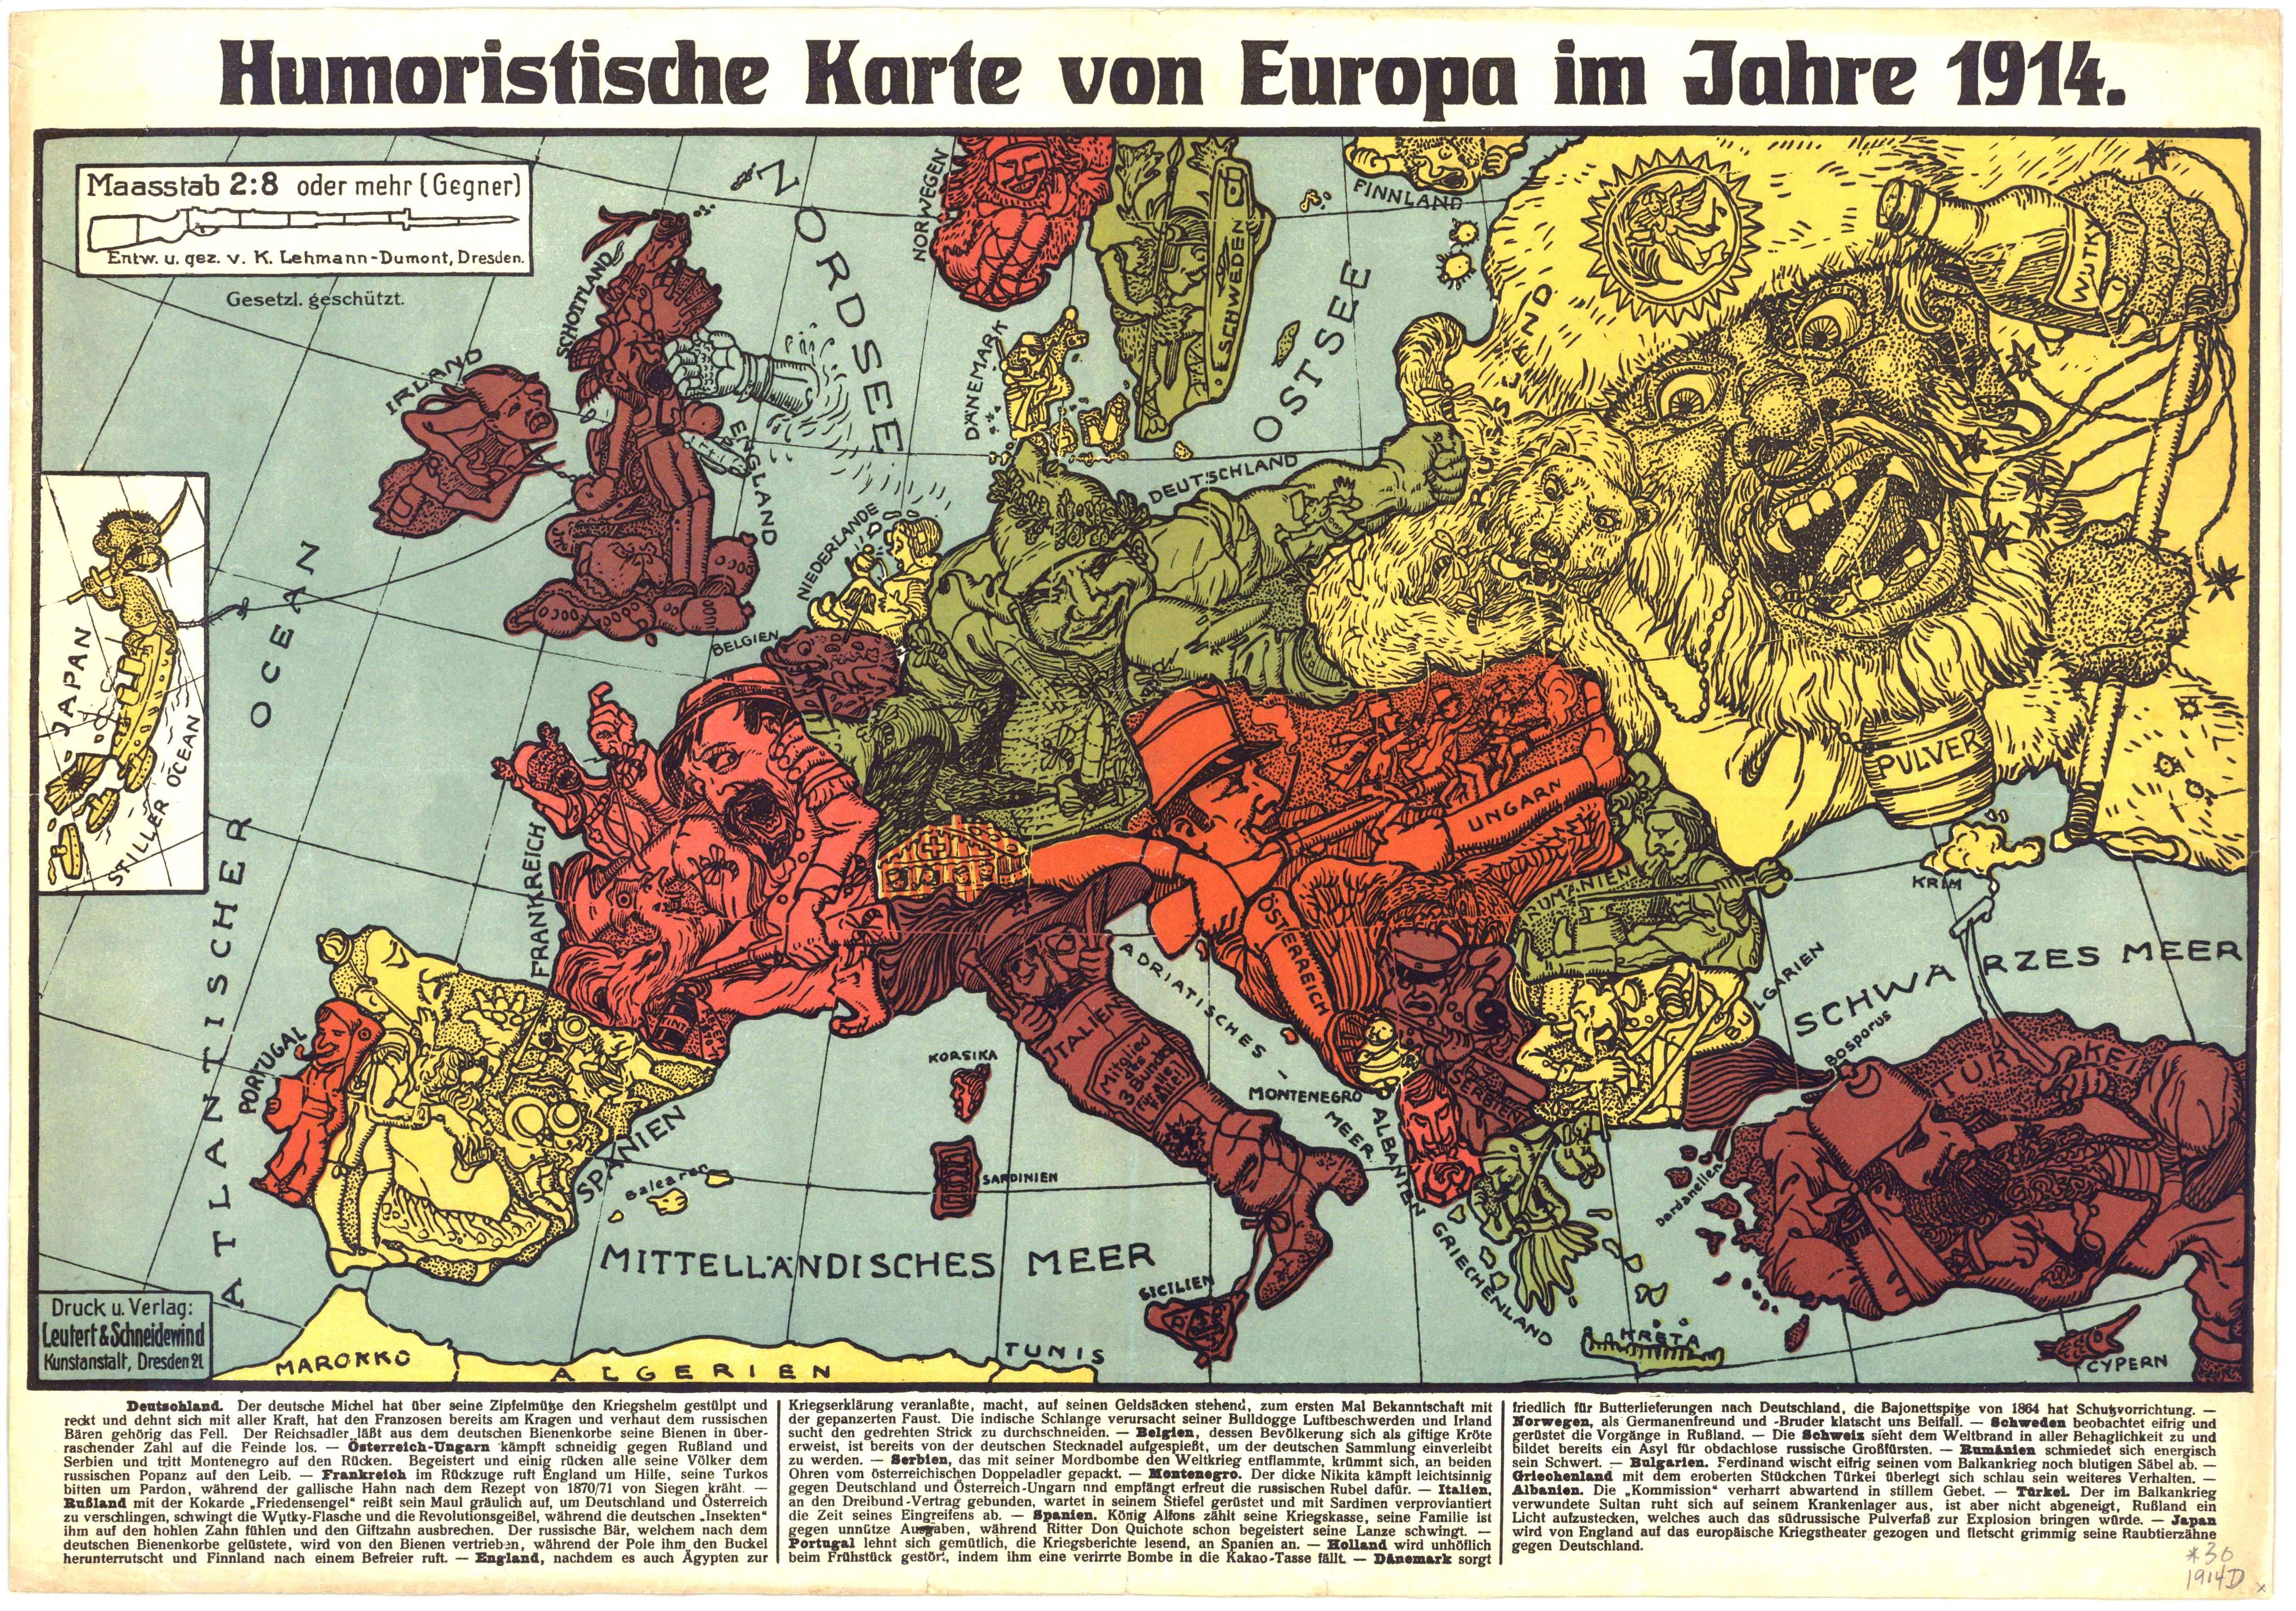 Humoristische Karte Von Europa Im Jahre 1914 Hires Map Europe